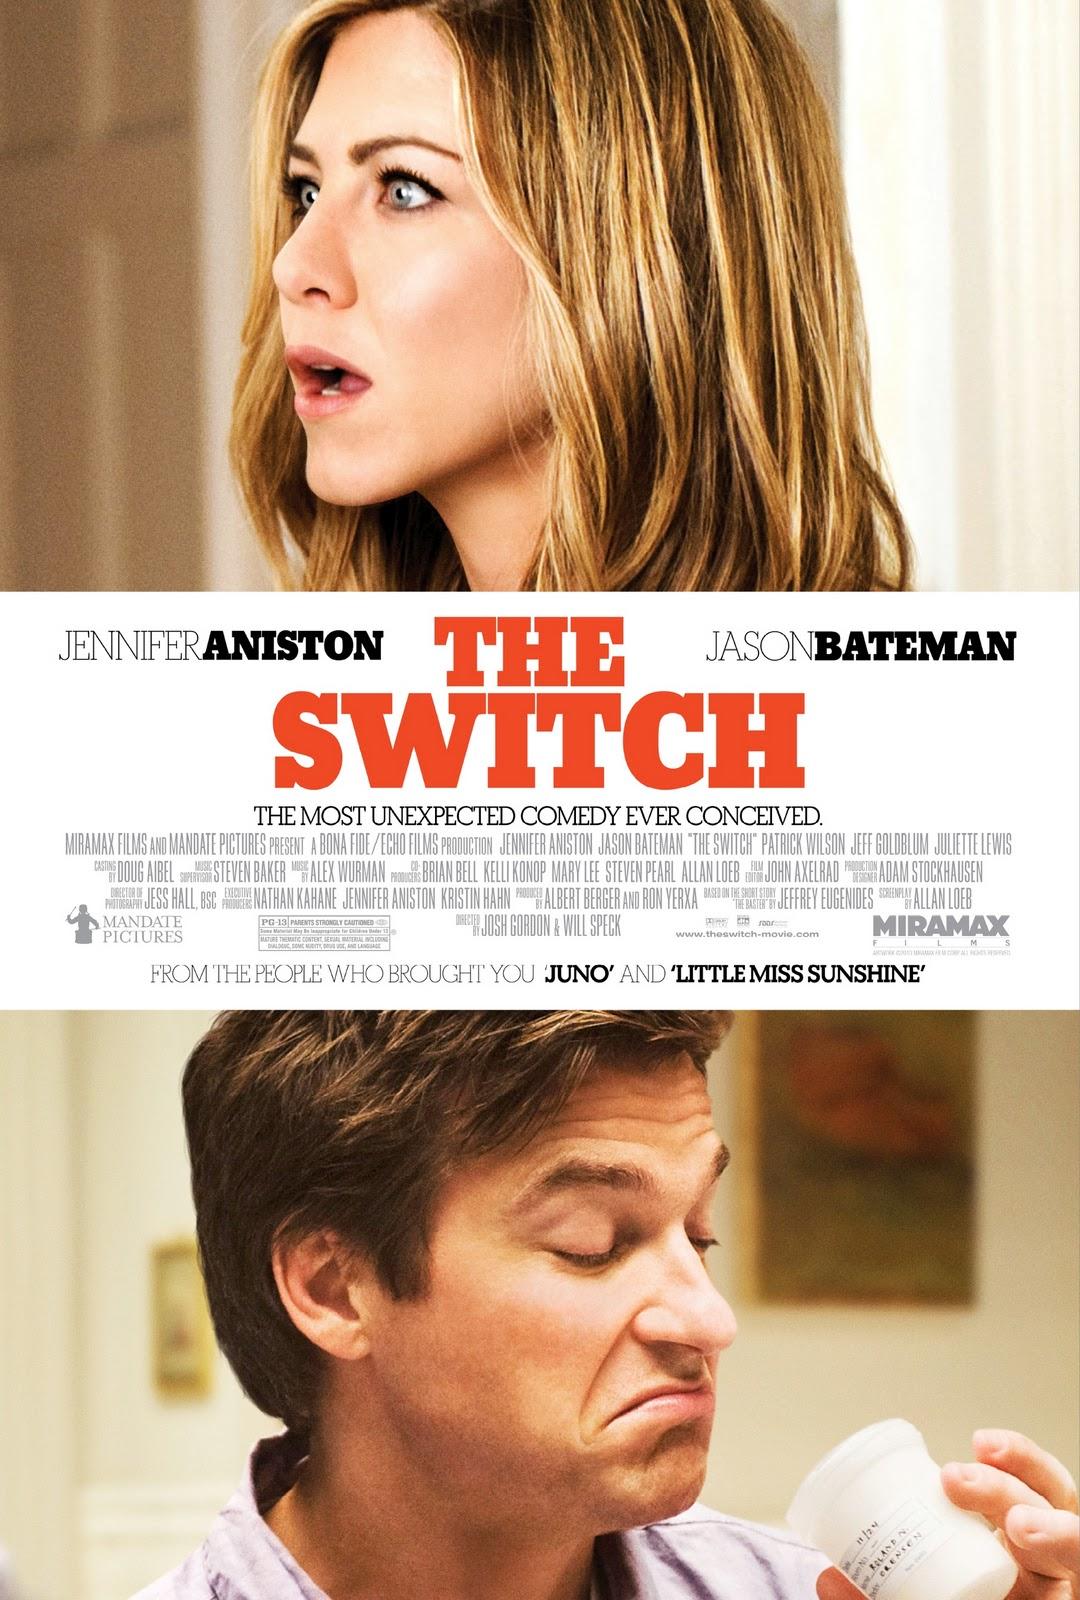 http://4.bp.blogspot.com/_lgTyldTrebU/TTRwg3TT0dI/AAAAAAAAALM/bJ1u3ZR5OpY/s1600/THE-SWITCH_One-Sheet.jpg